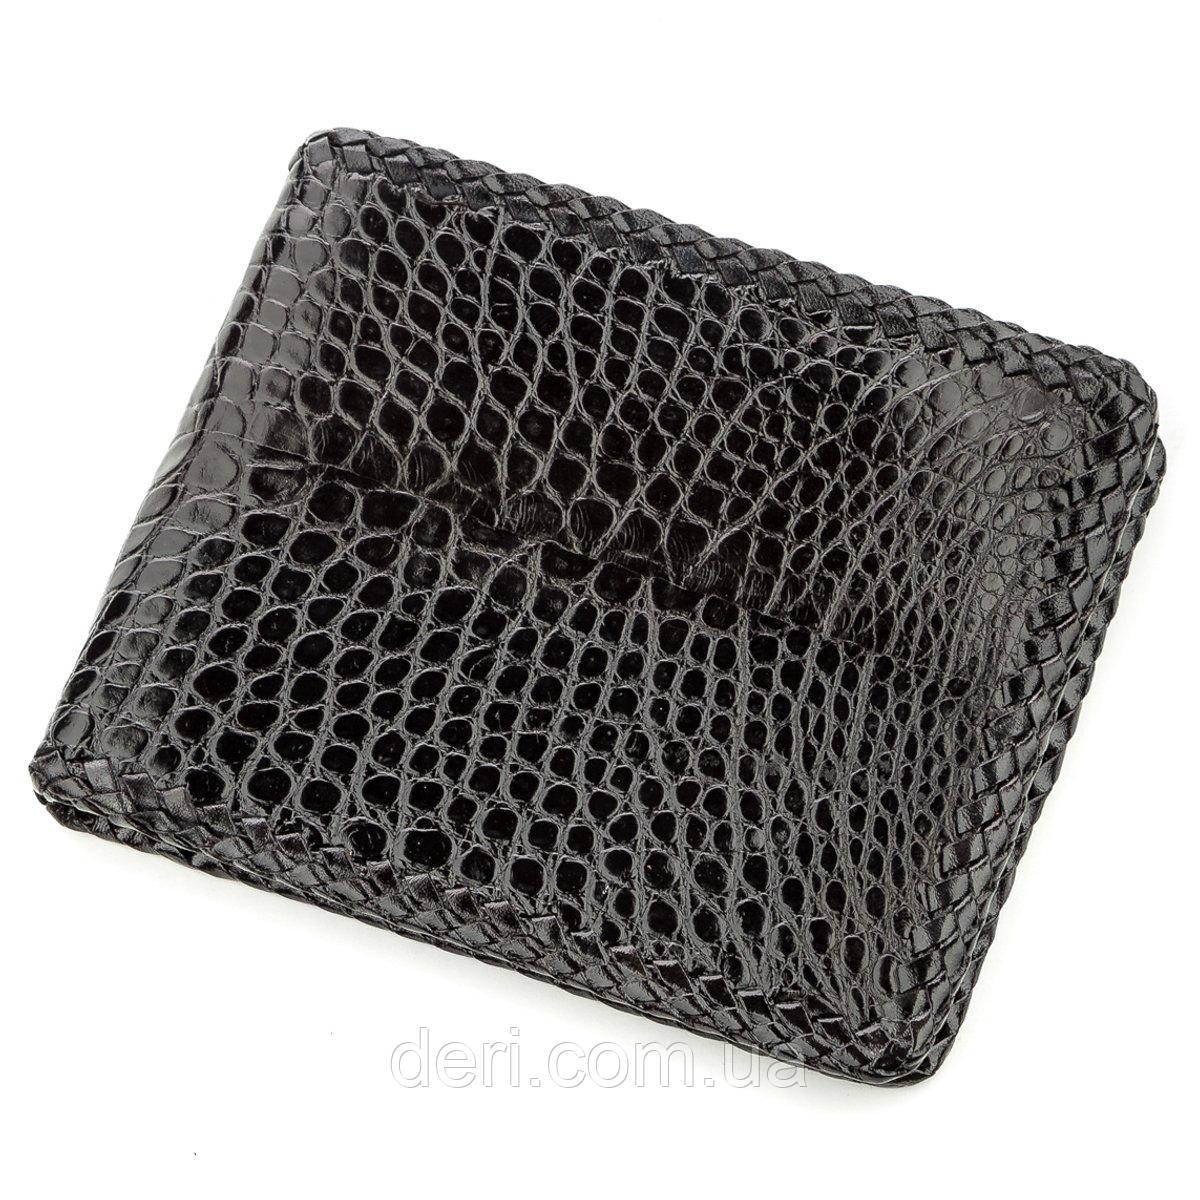 Крутой бумажник мужской из натуральной кожи крокодила